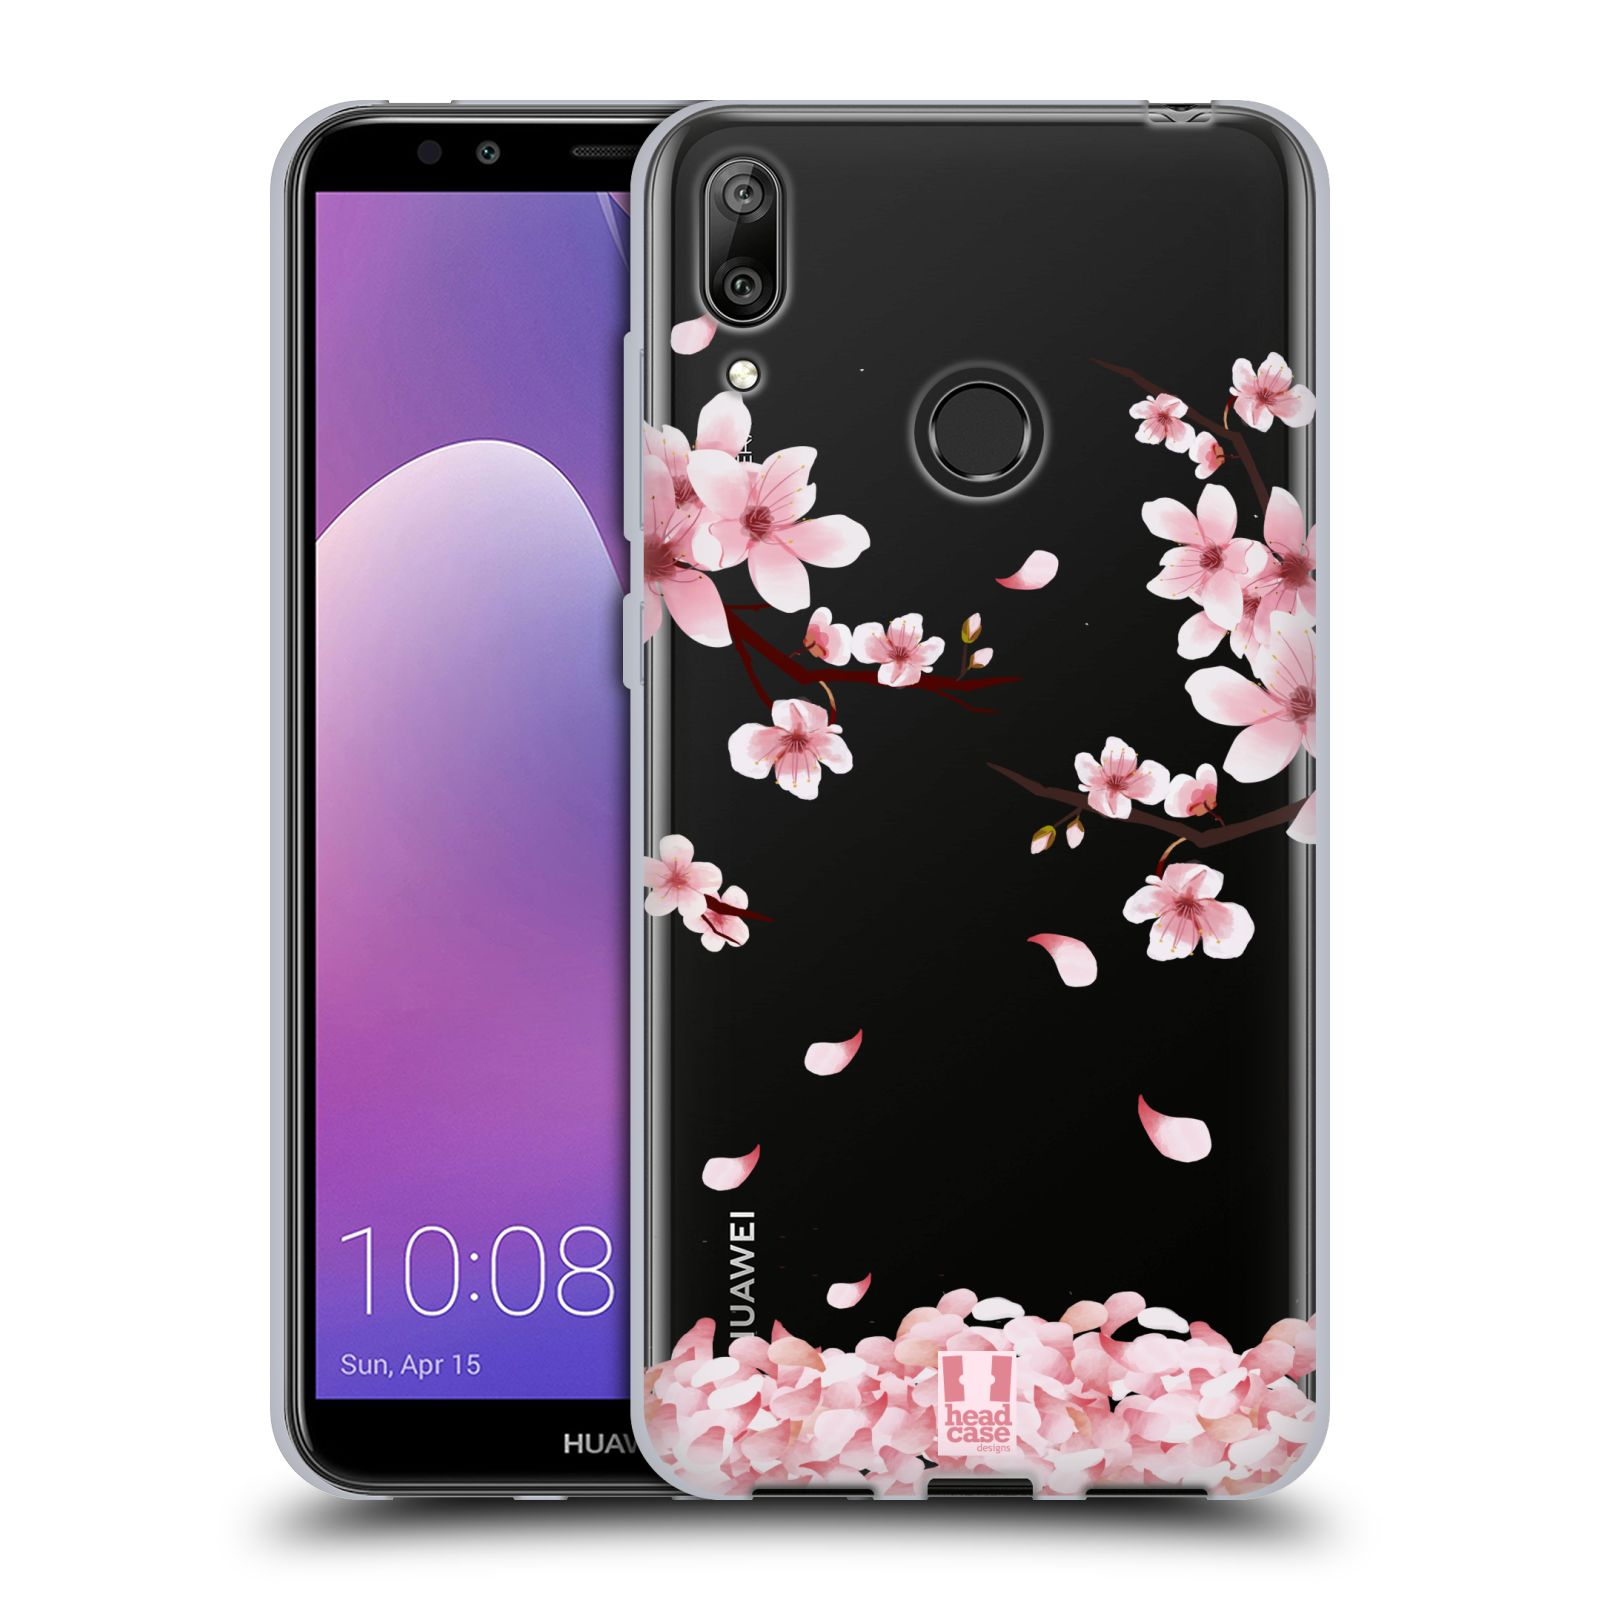 Silikonové pouzdro na mobil Huawei Y7 (2019) - Head Case - Květy a větvičky